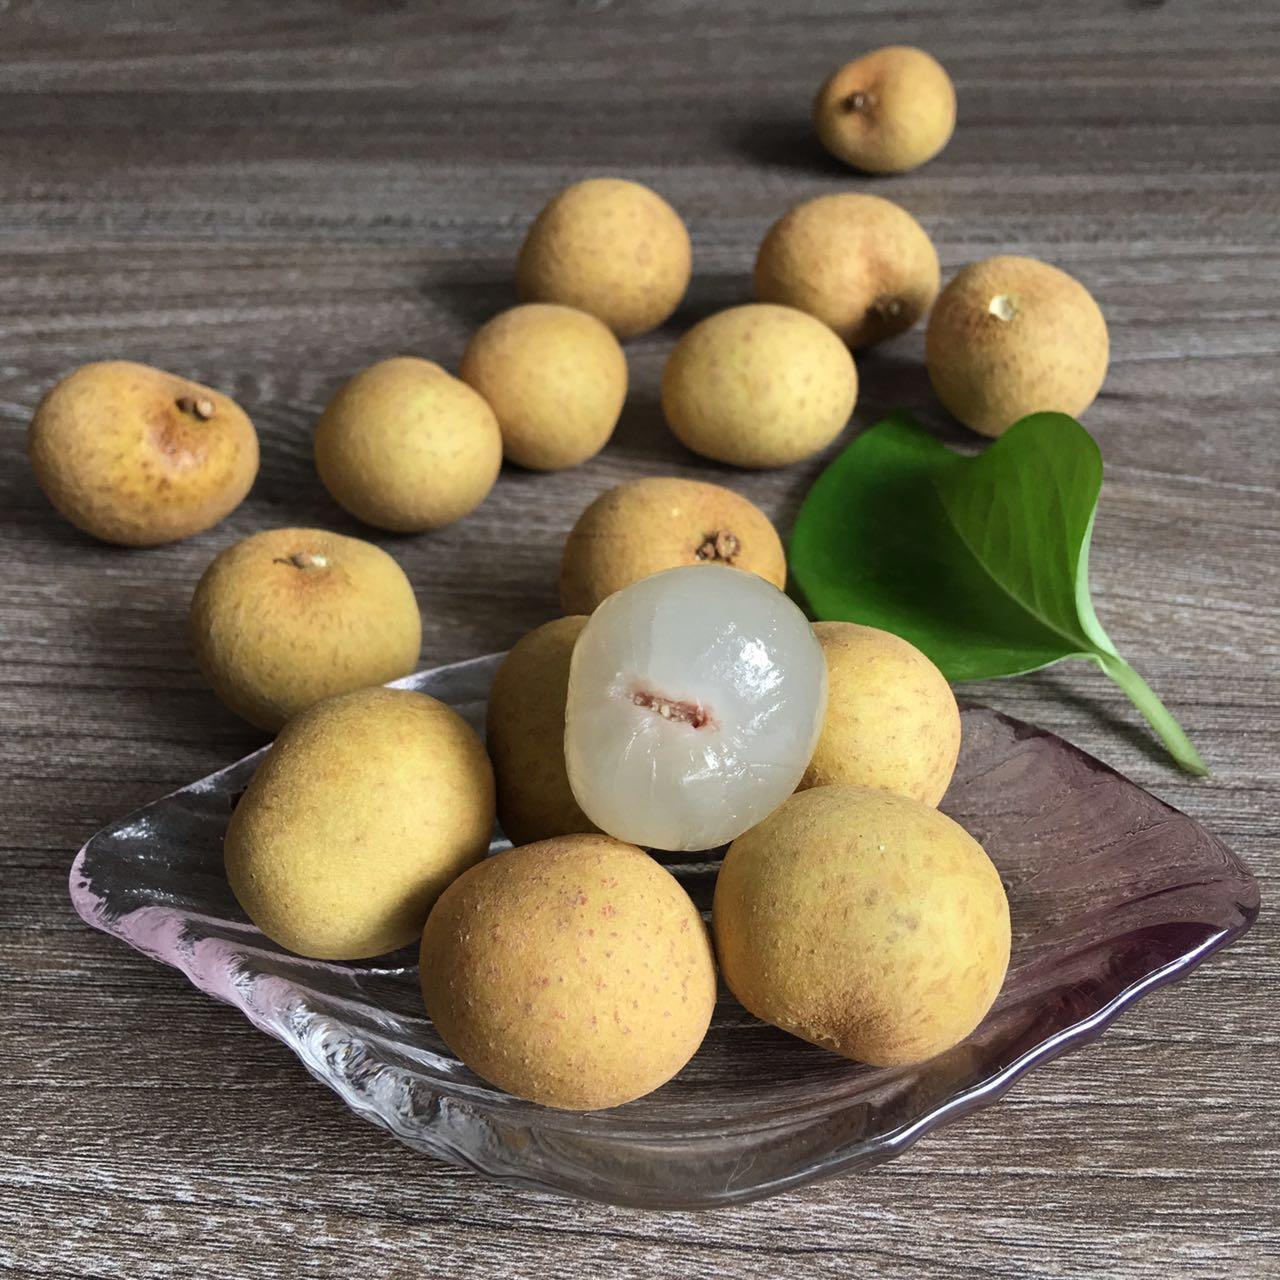 泰国新鲜龙眼3斤装进口新鲜桂圆鲜甜多汁热带水果发顺丰速运